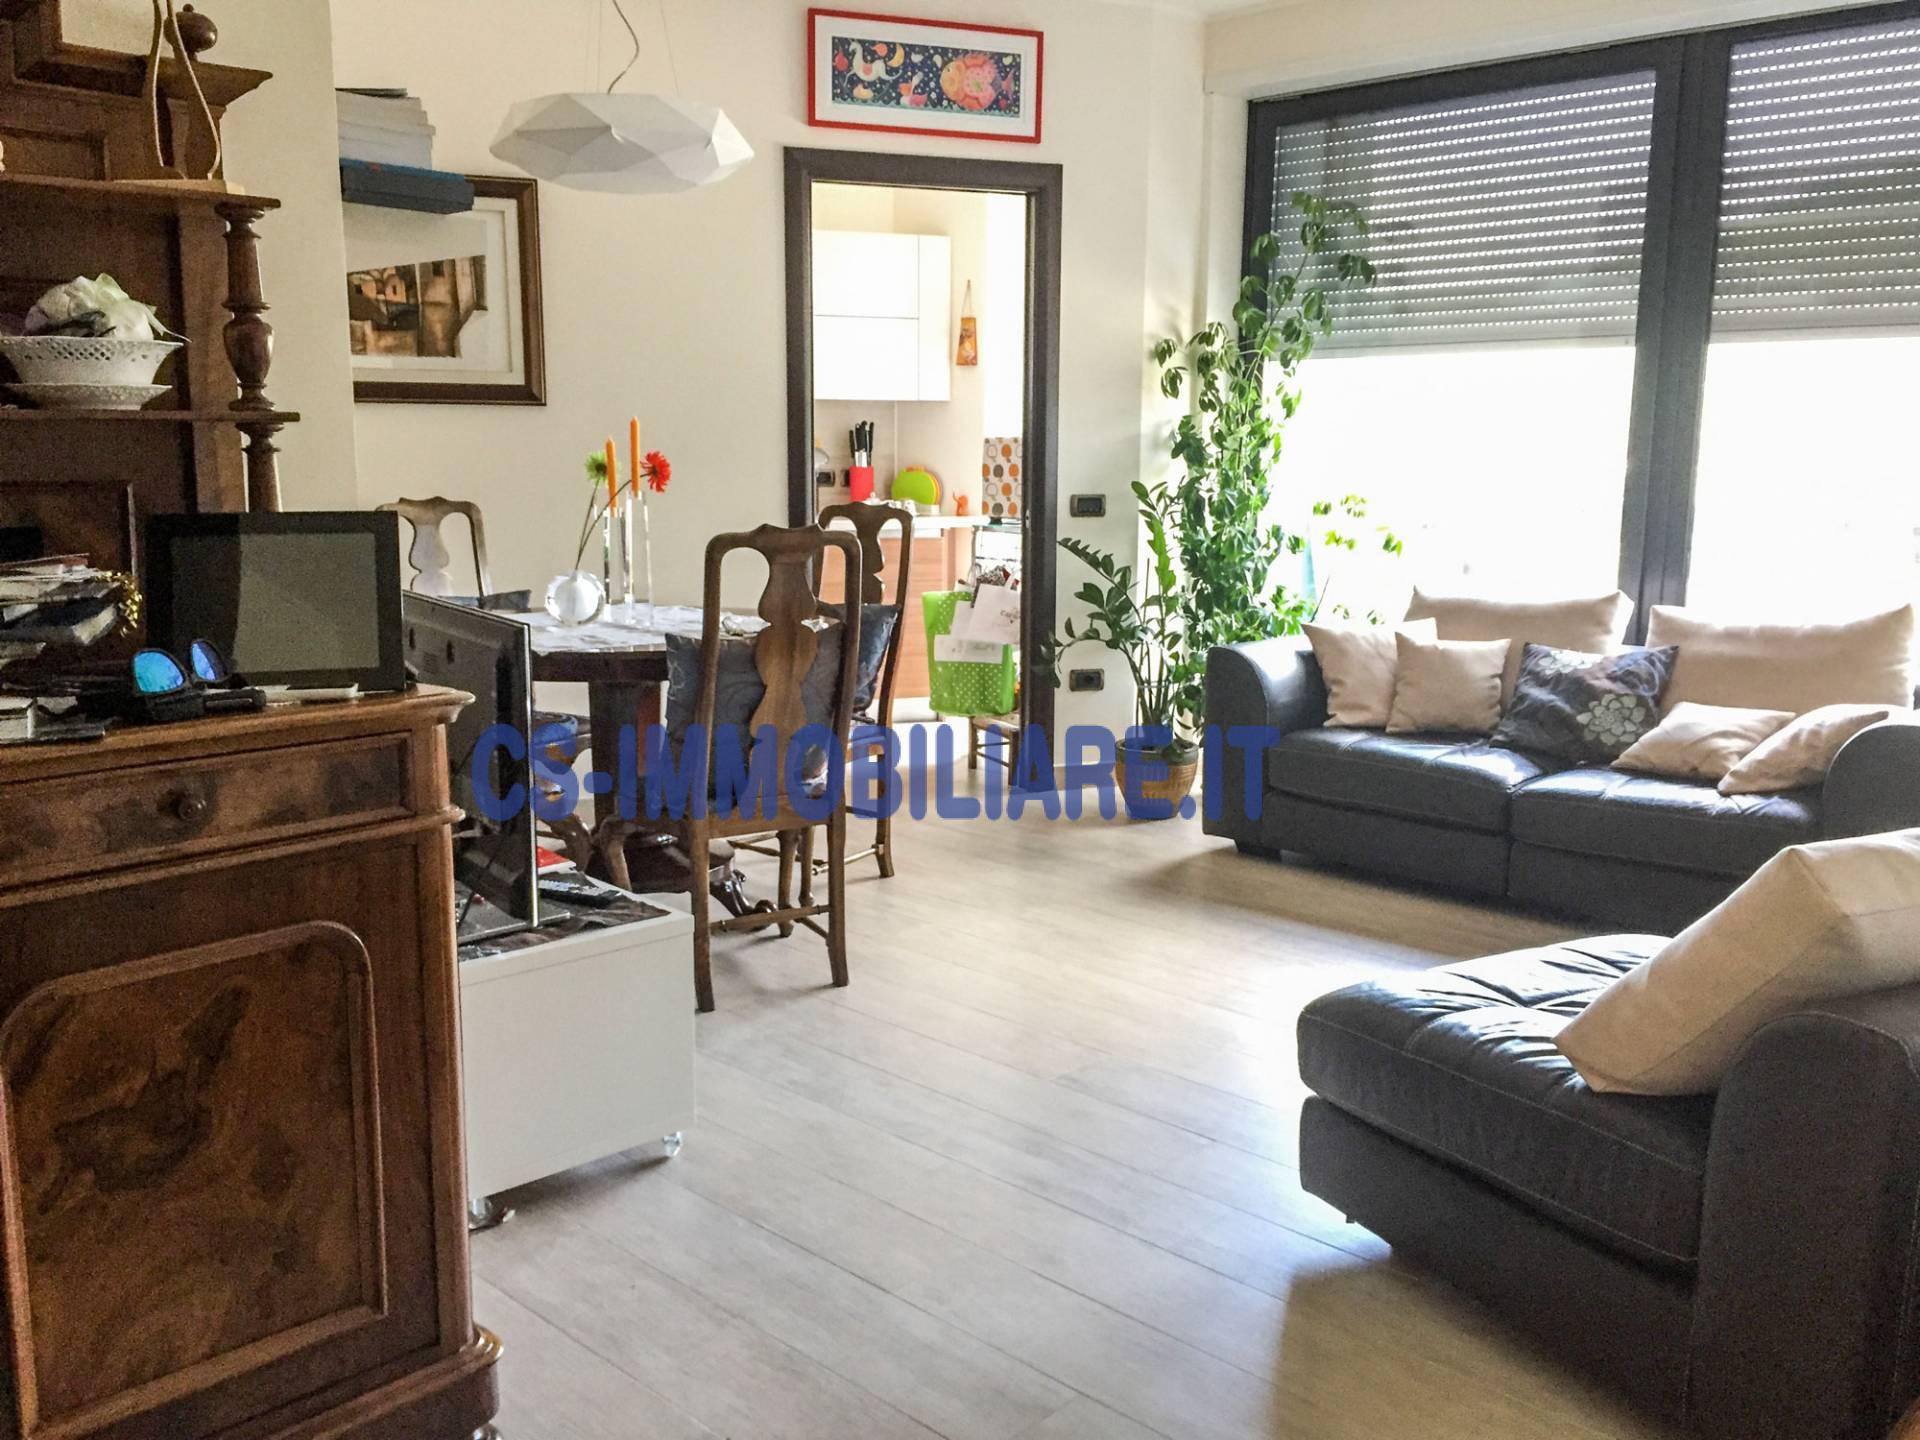 Appartamento in vendita a Pignola, 4 locali, zona Località: Residenziale, prezzo € 180.000 | CambioCasa.it